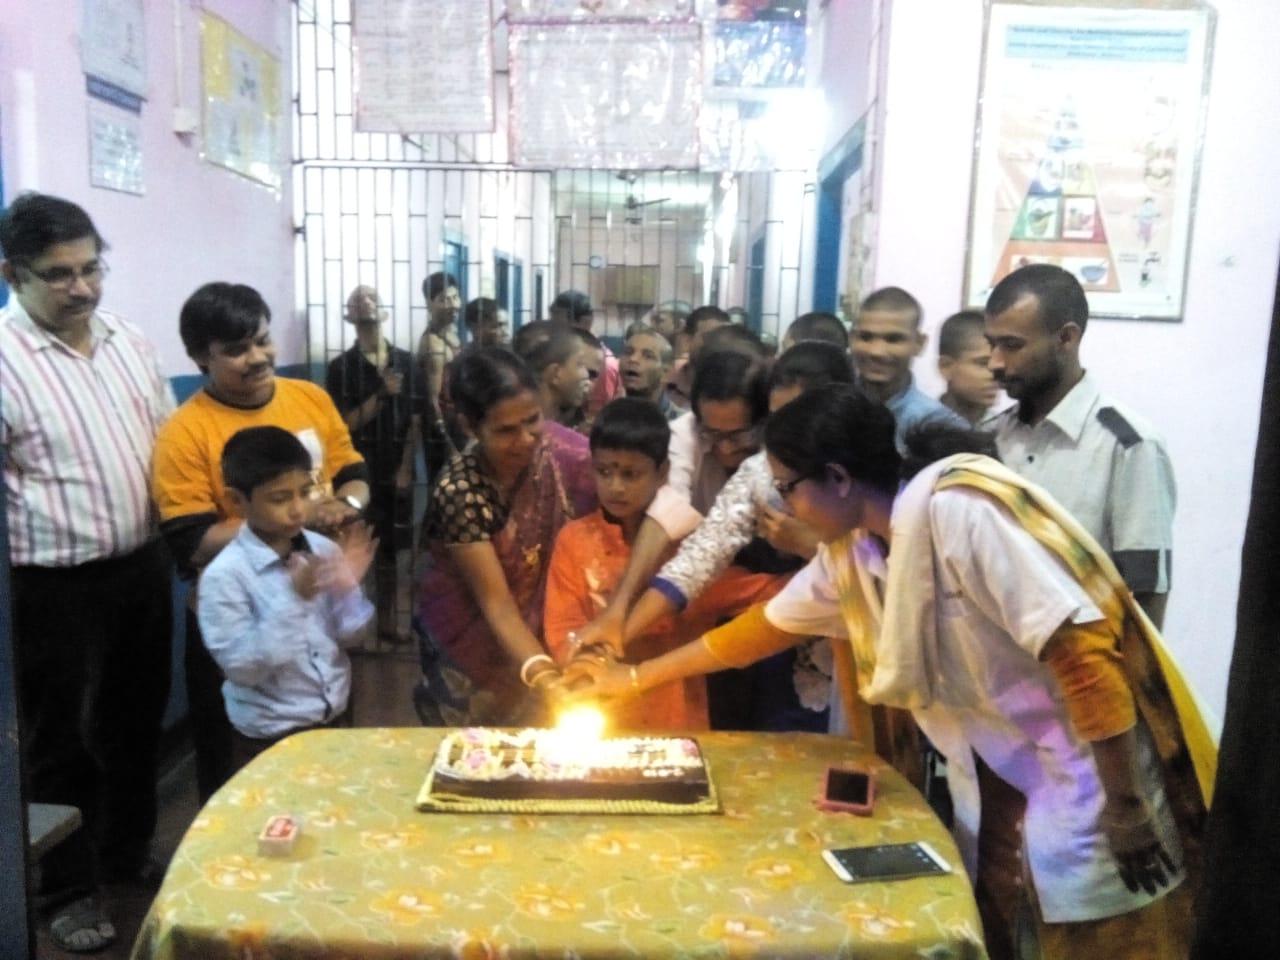 Birthday Celebration of Supriy